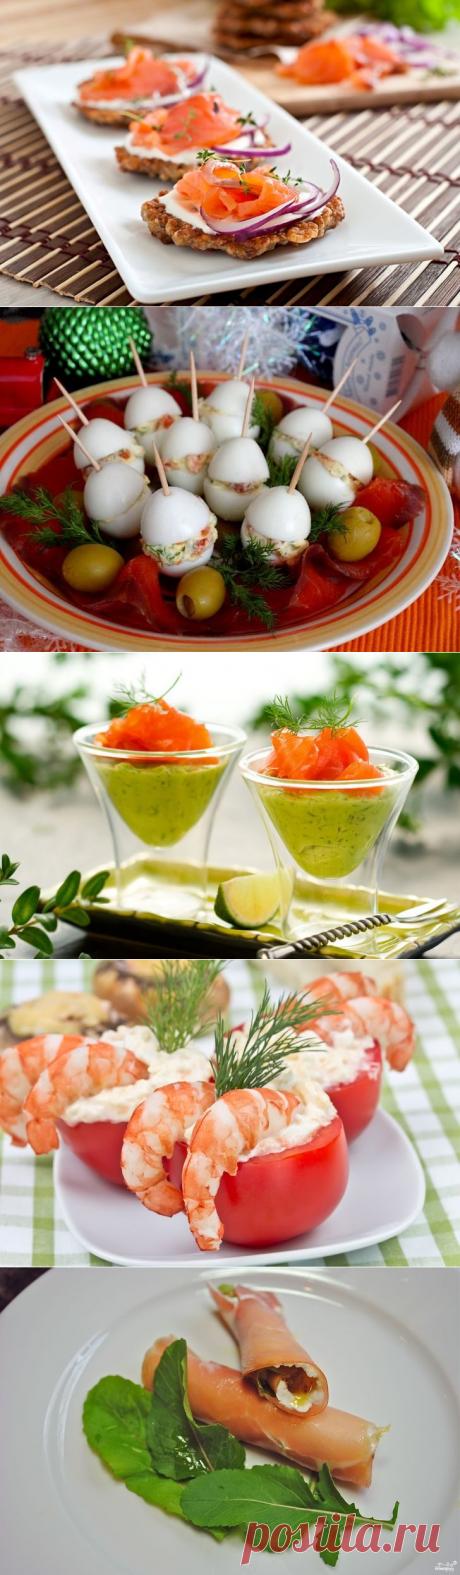 Рецепты удивительных закусок к новогоднему столу / Все для женщины